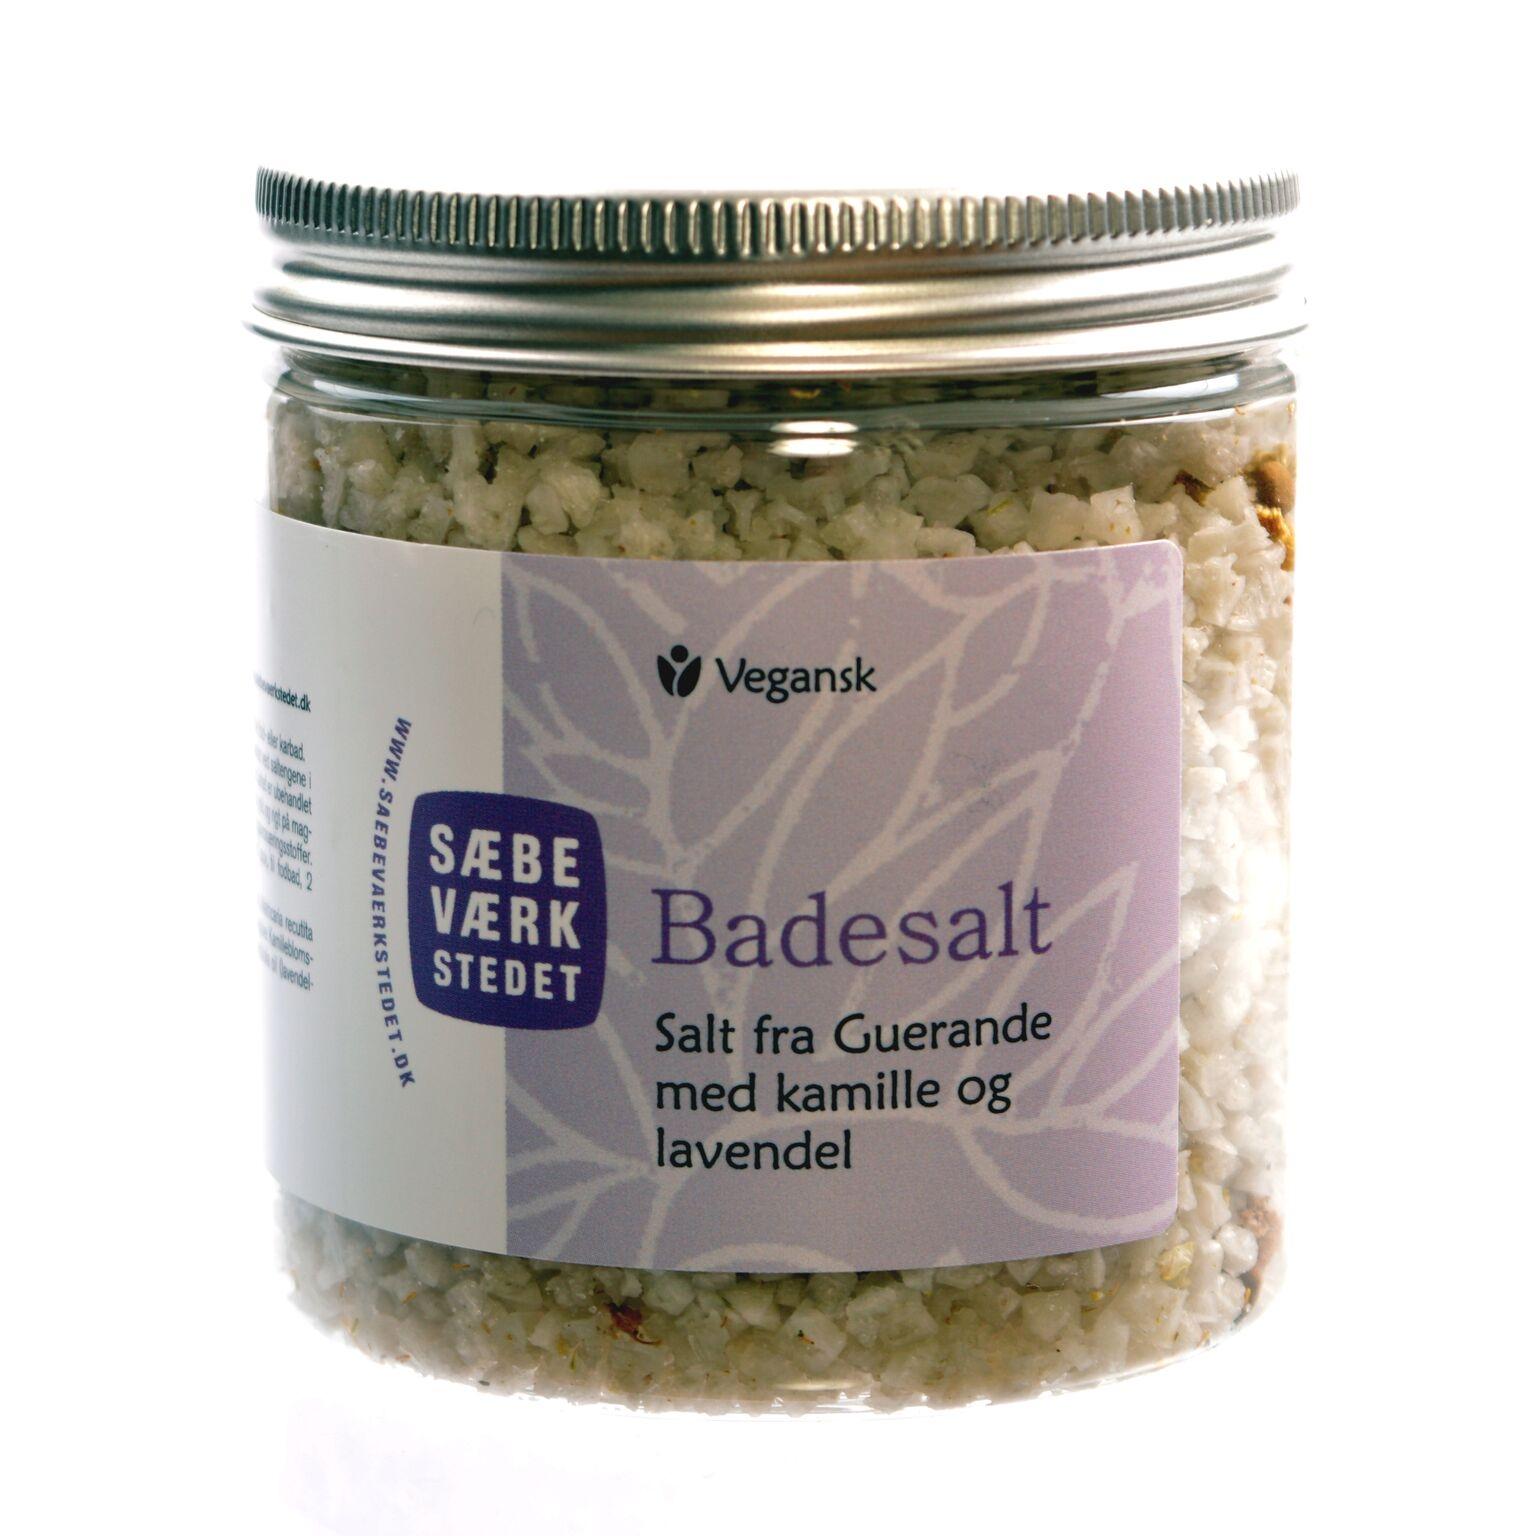 Image of Badesalt Kamille Og Lavendel (200 gr)